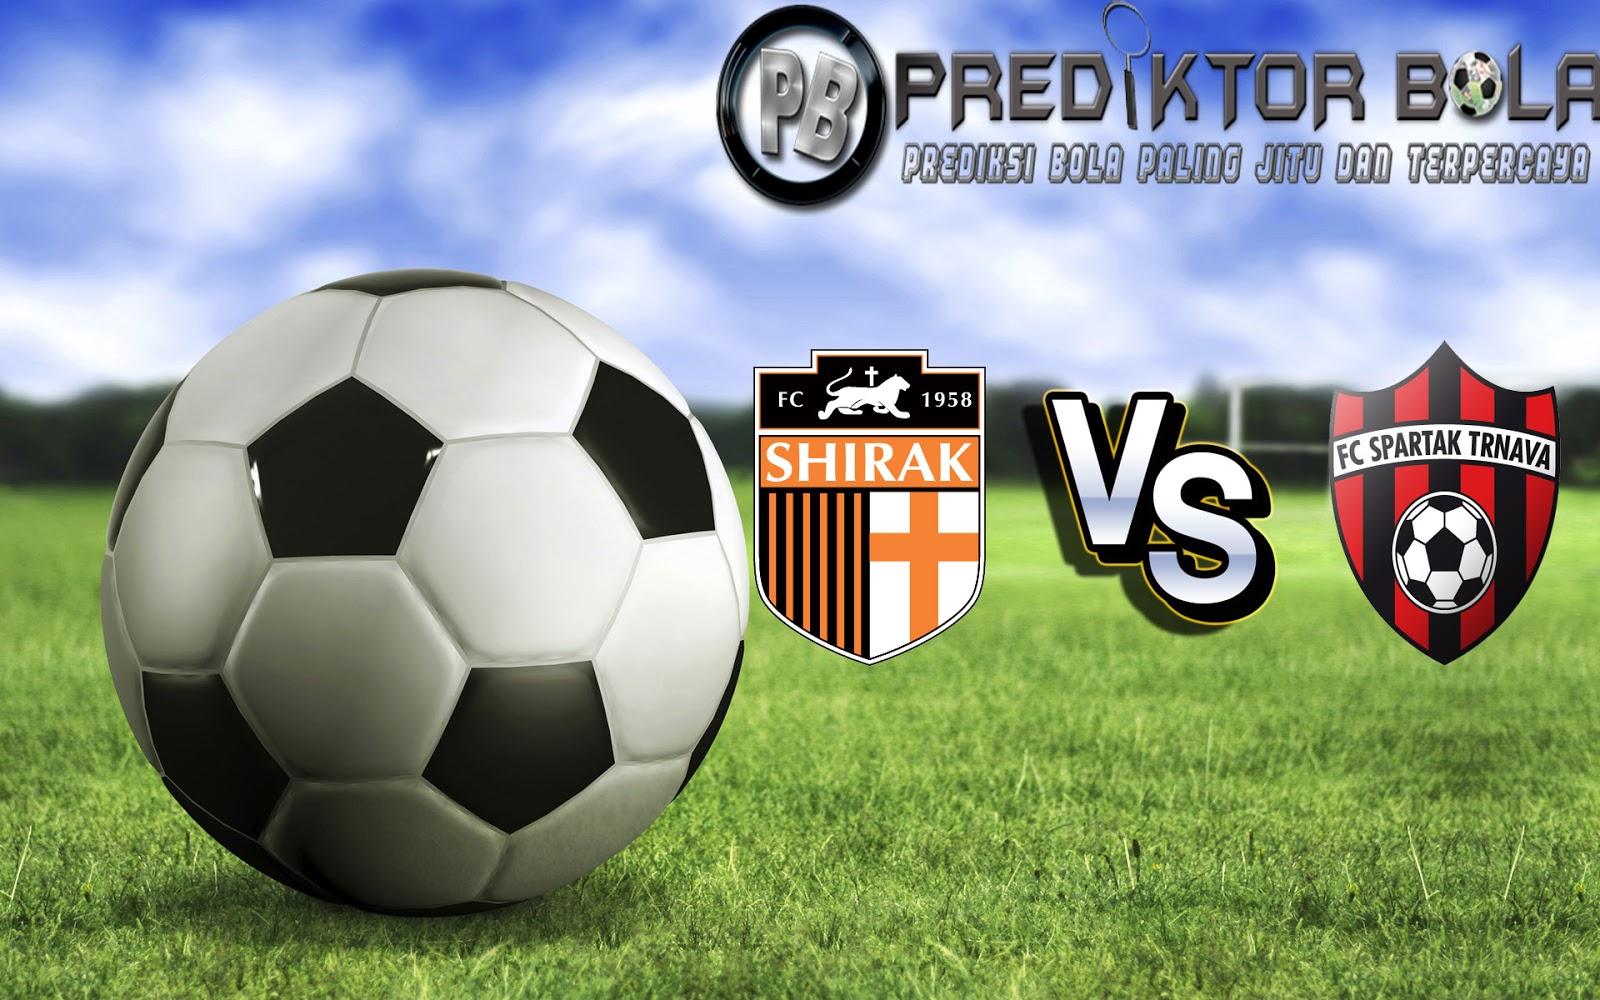 Prediksi Shirak vs Spartak Trnava 14 Juli 2016